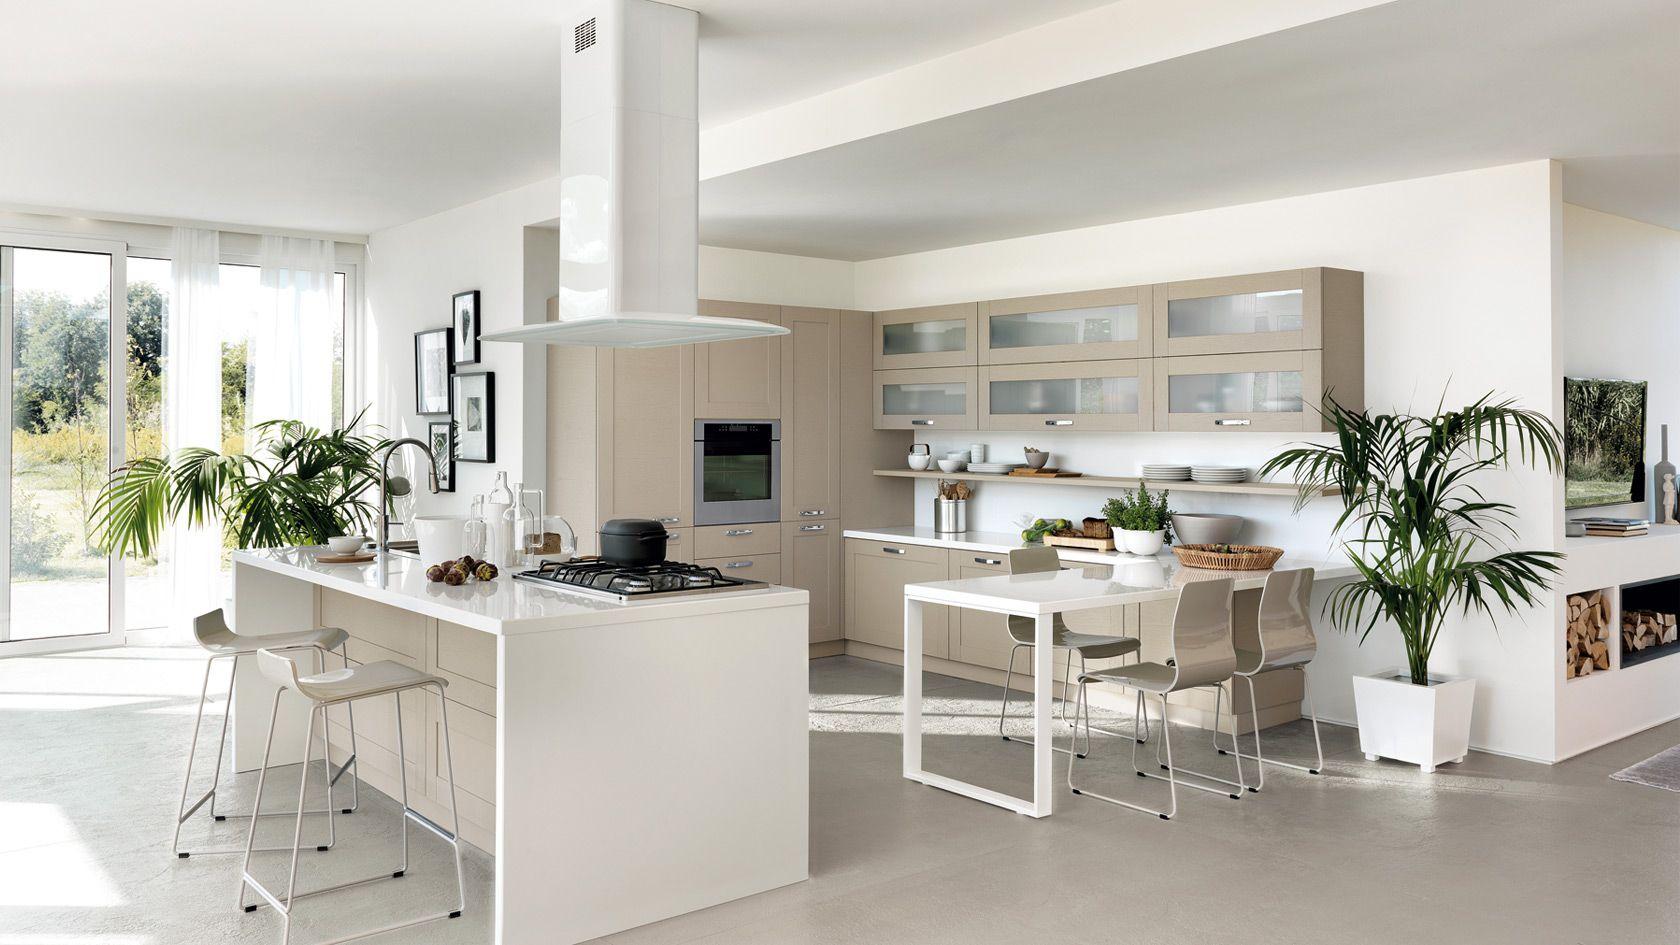 Cucina Open | Sito ufficiale Scavolini | Cucine Contemporanee ...